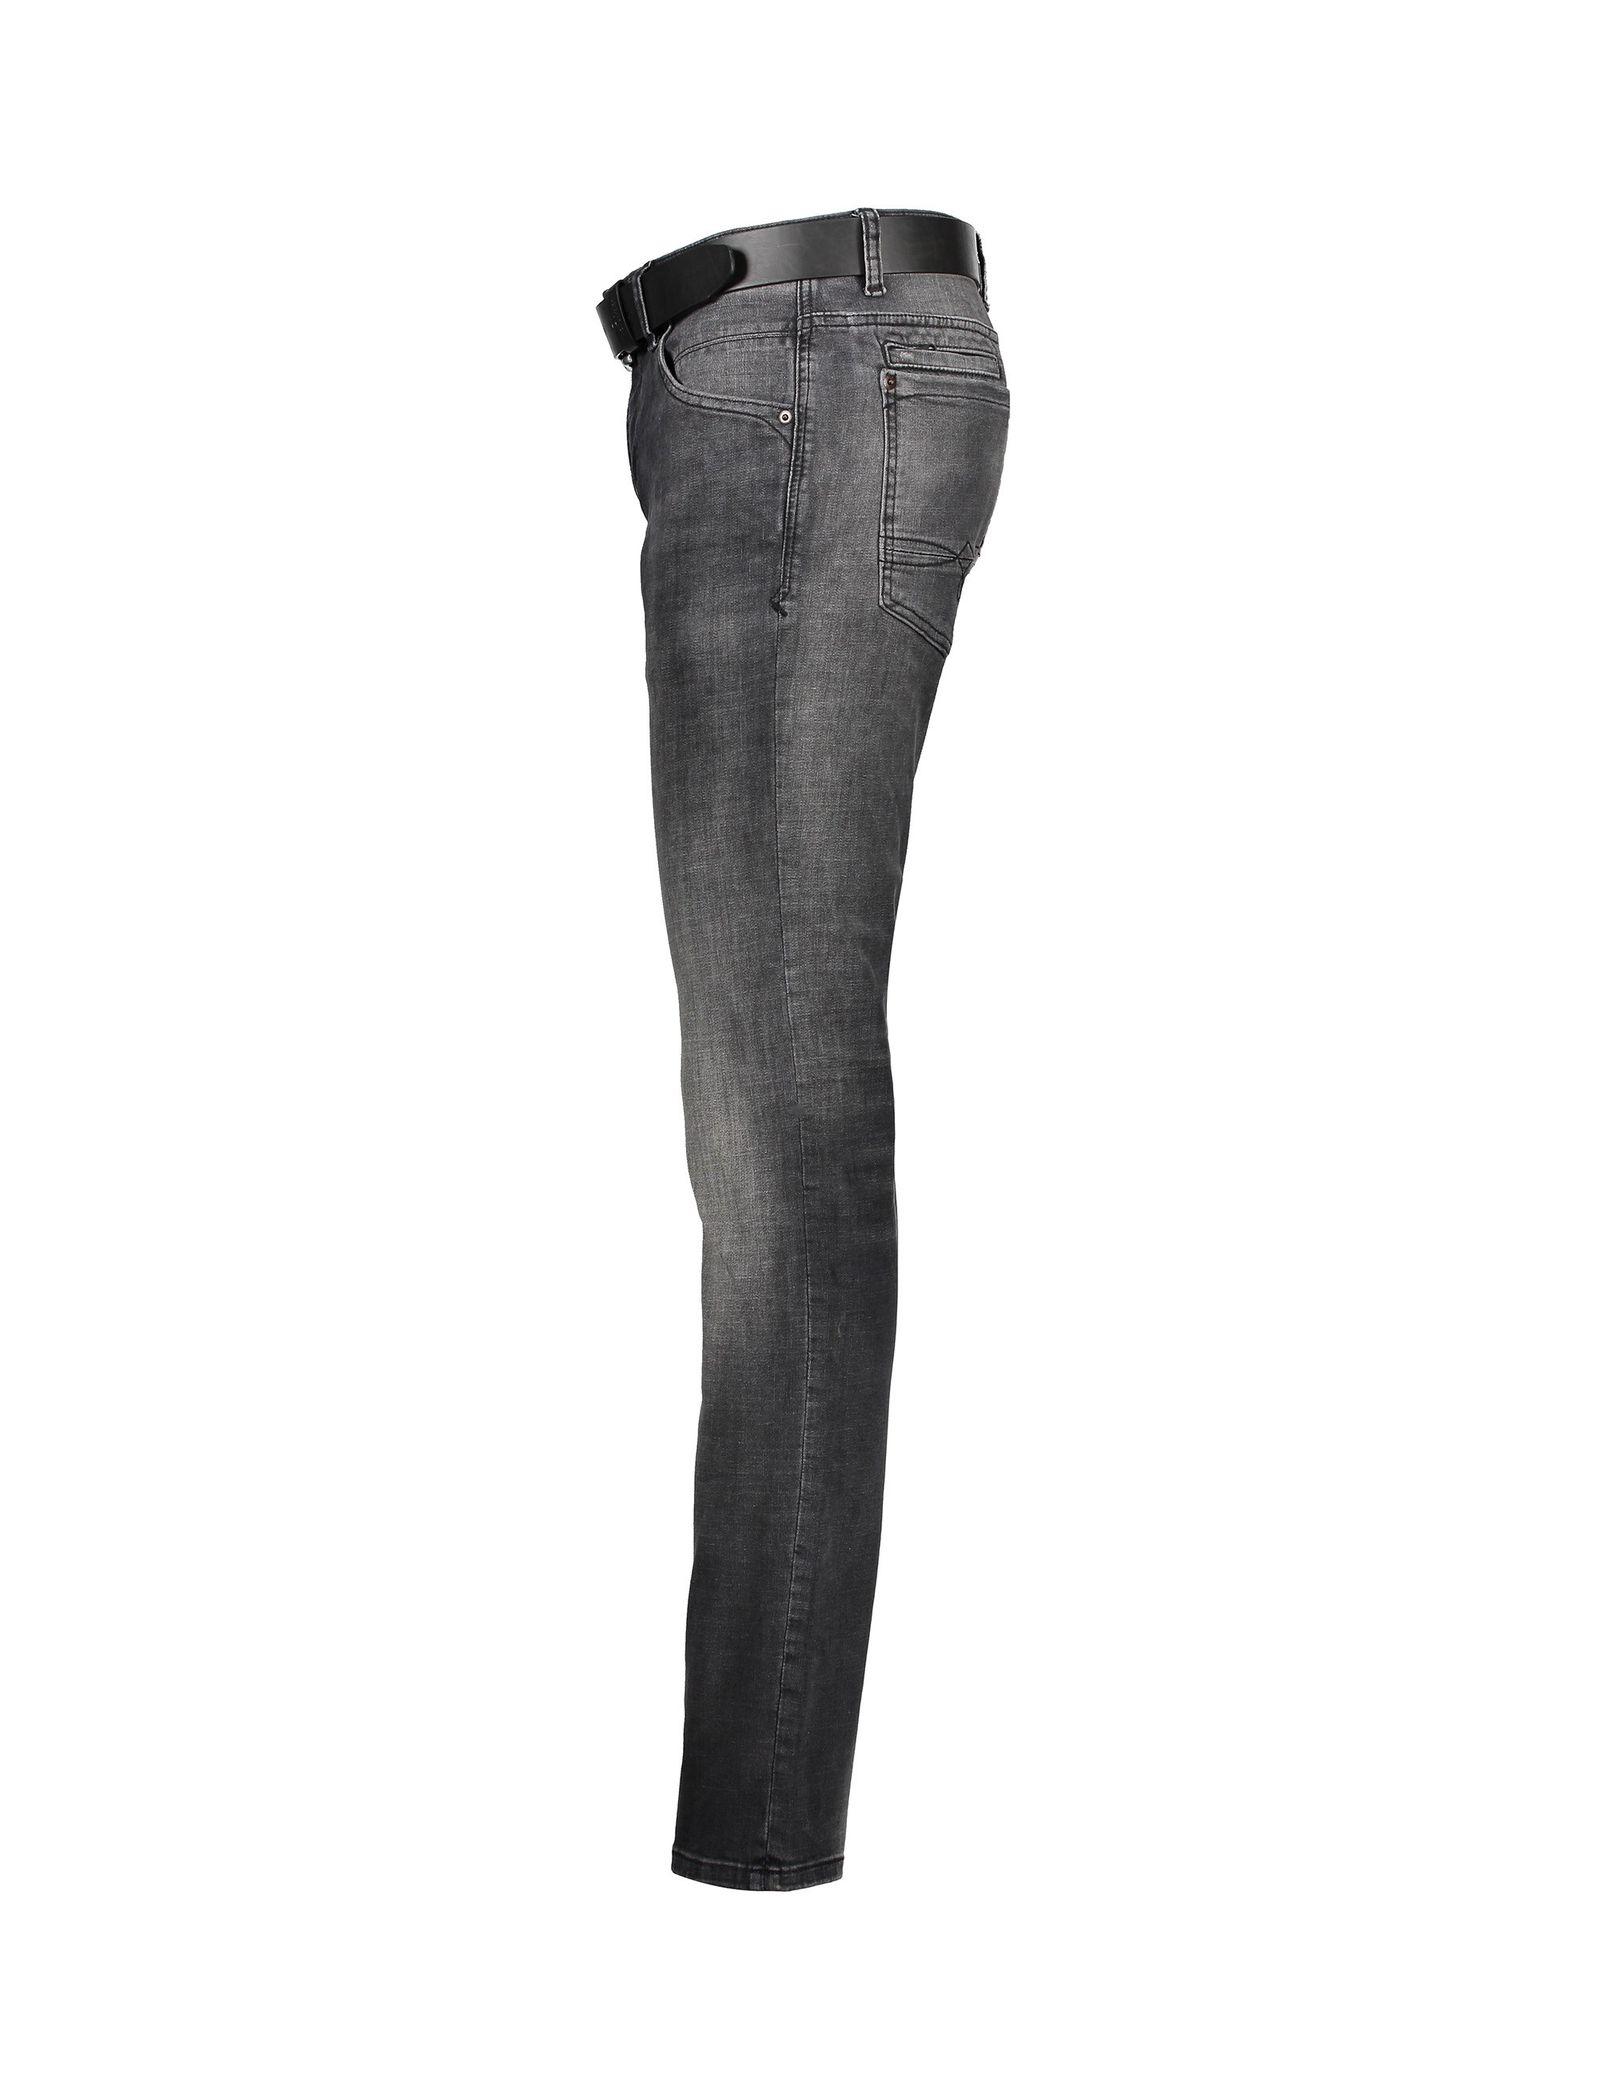 شلوار جین راسته مردانه - اس.اولیور - طوسي تيره - 4